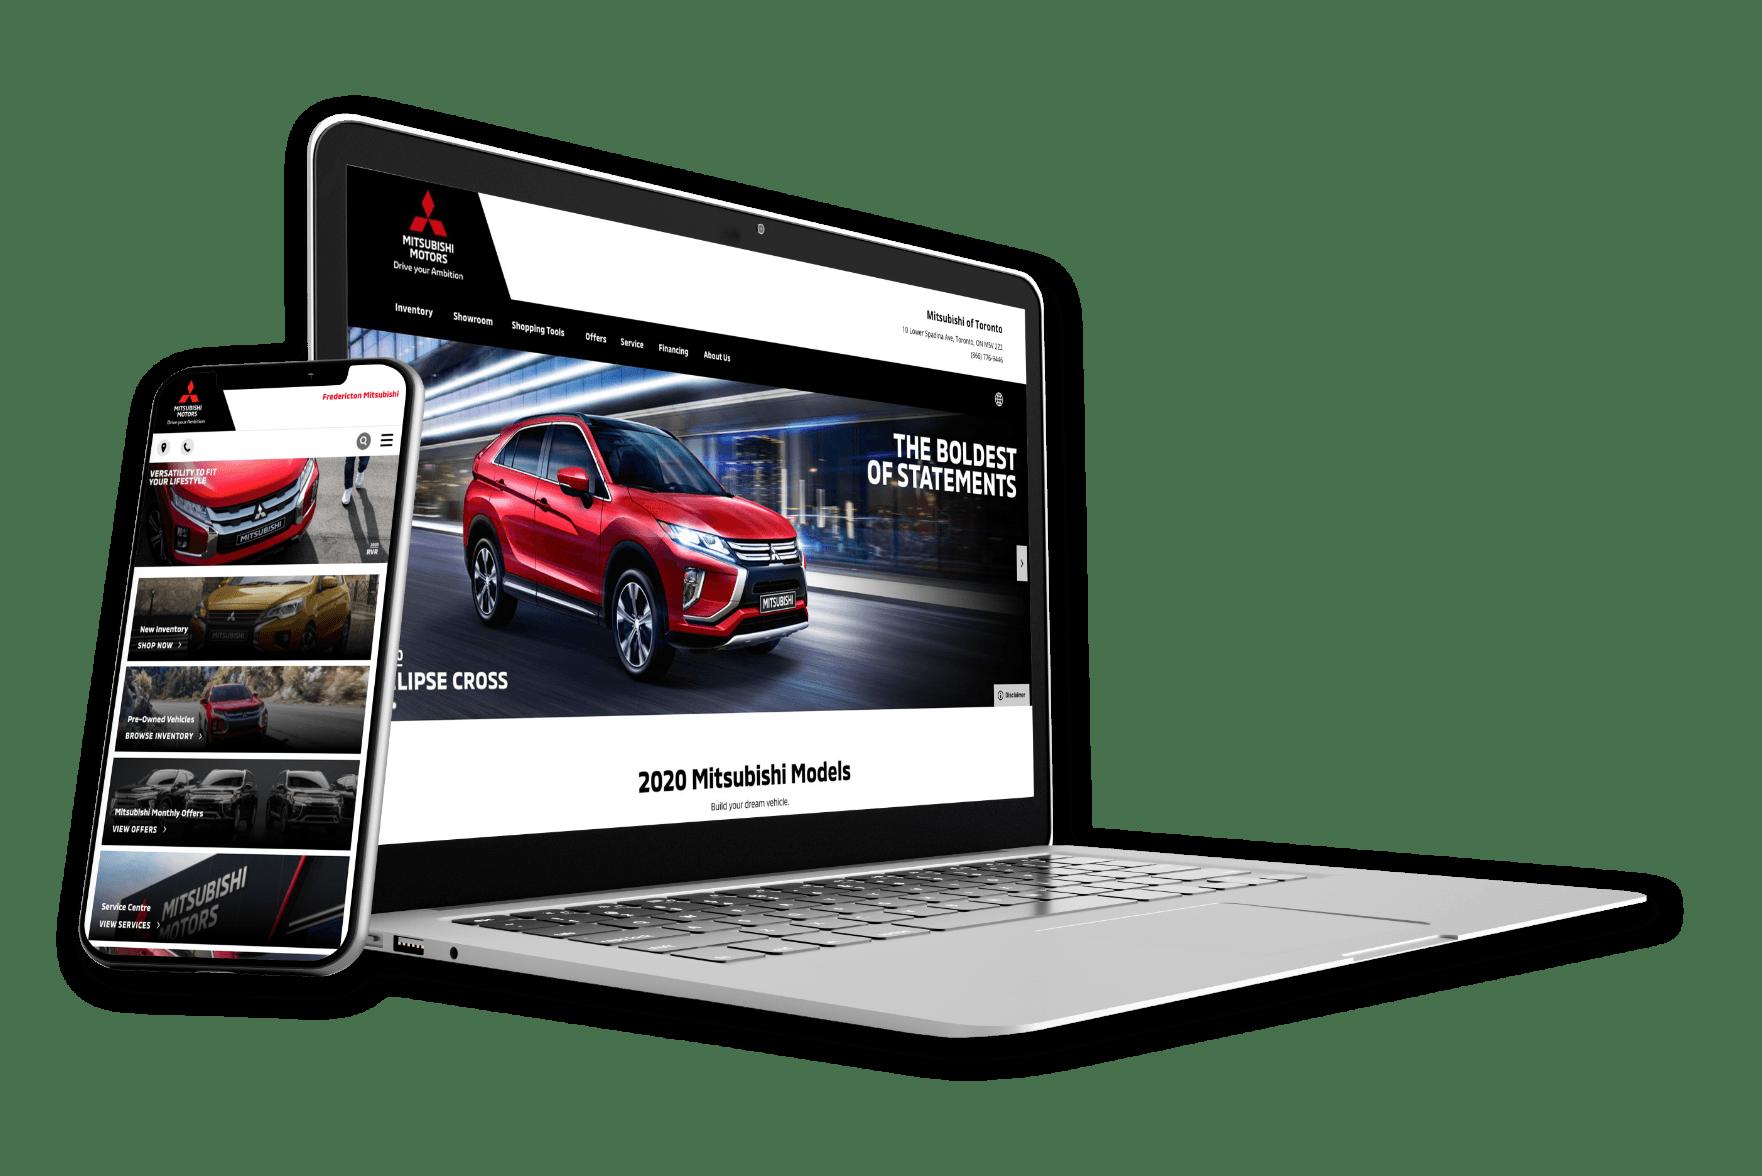 Mitsubishi Mockup